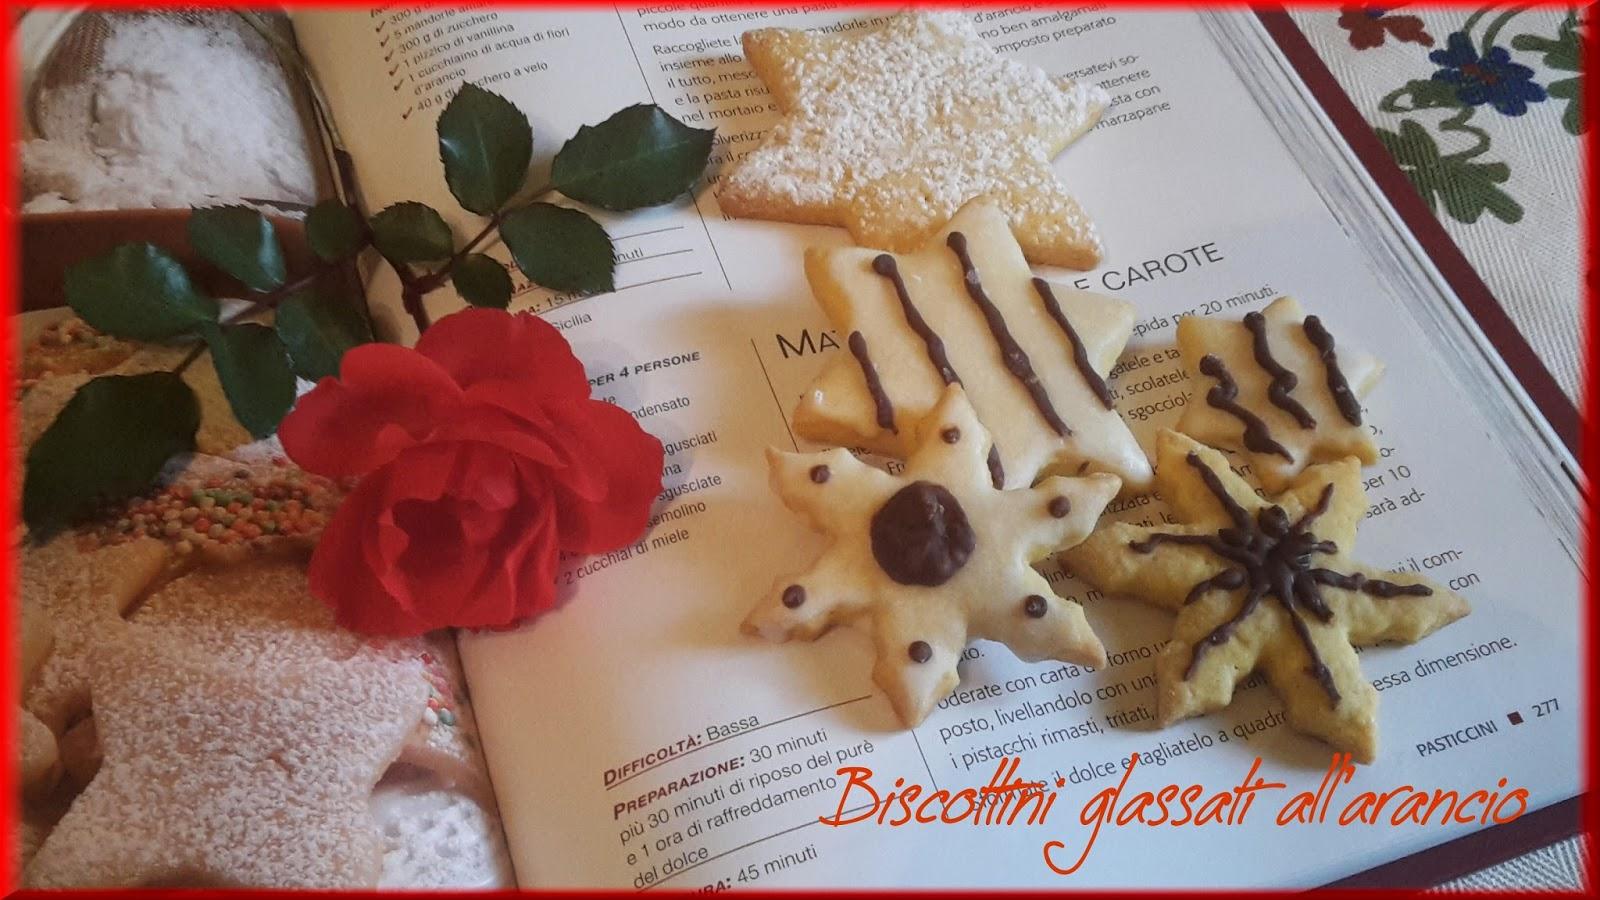 Sara Cucina Biscotti Di Natale.Cortesie In Cucina Biscotti Di Pasta Frolla Glassati All Arancio